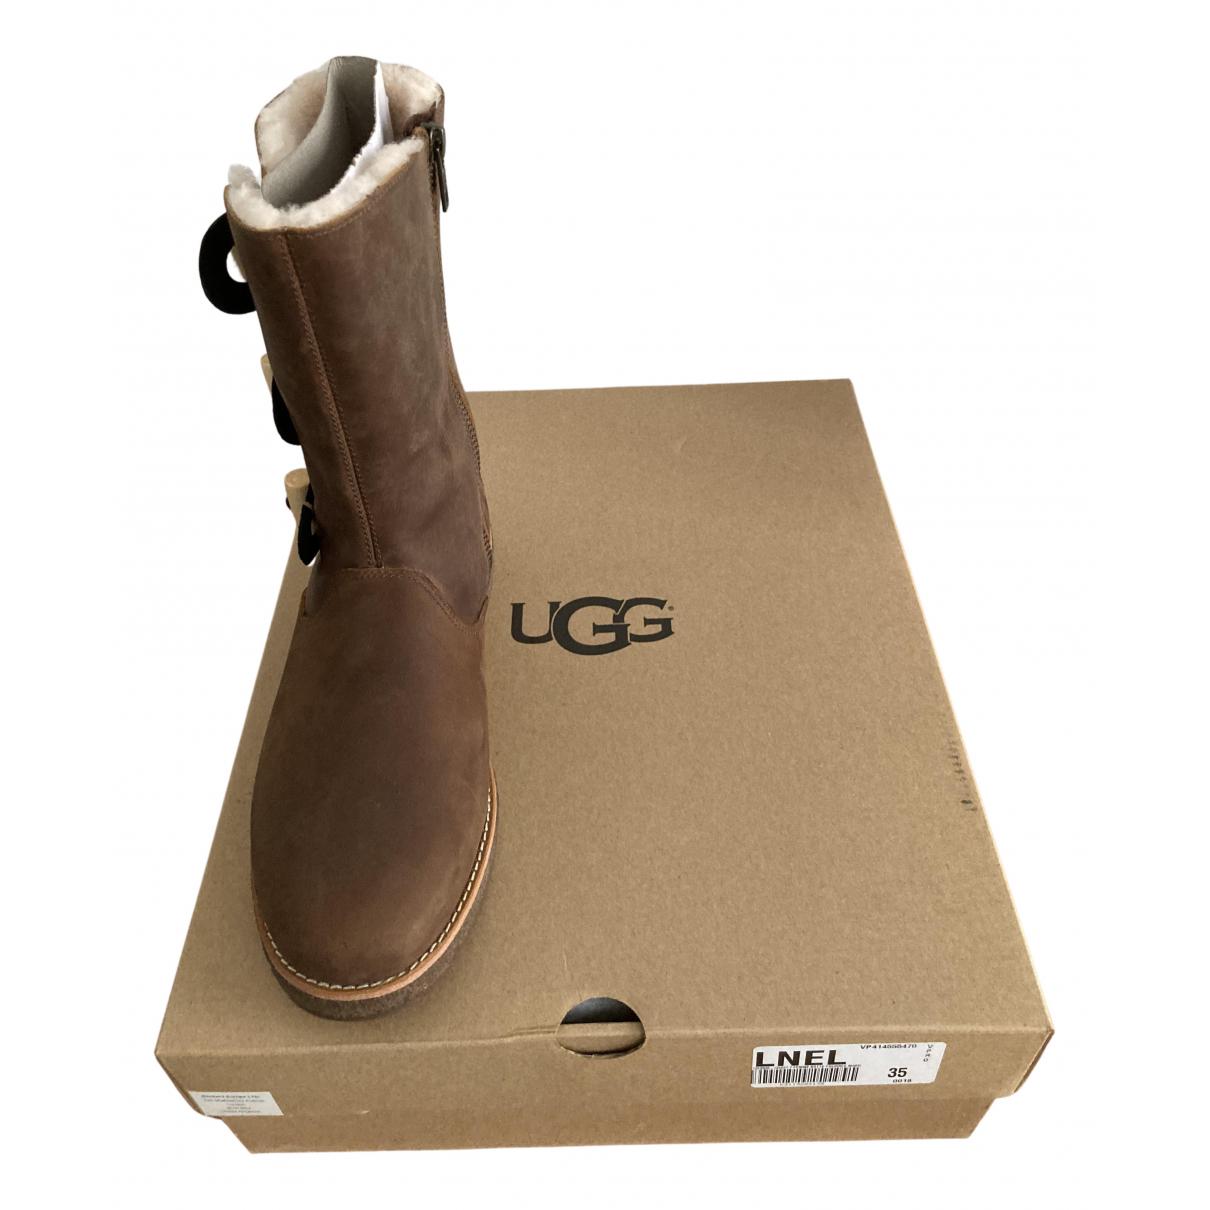 Ugg - Bottes   pour femme en mouton - marron